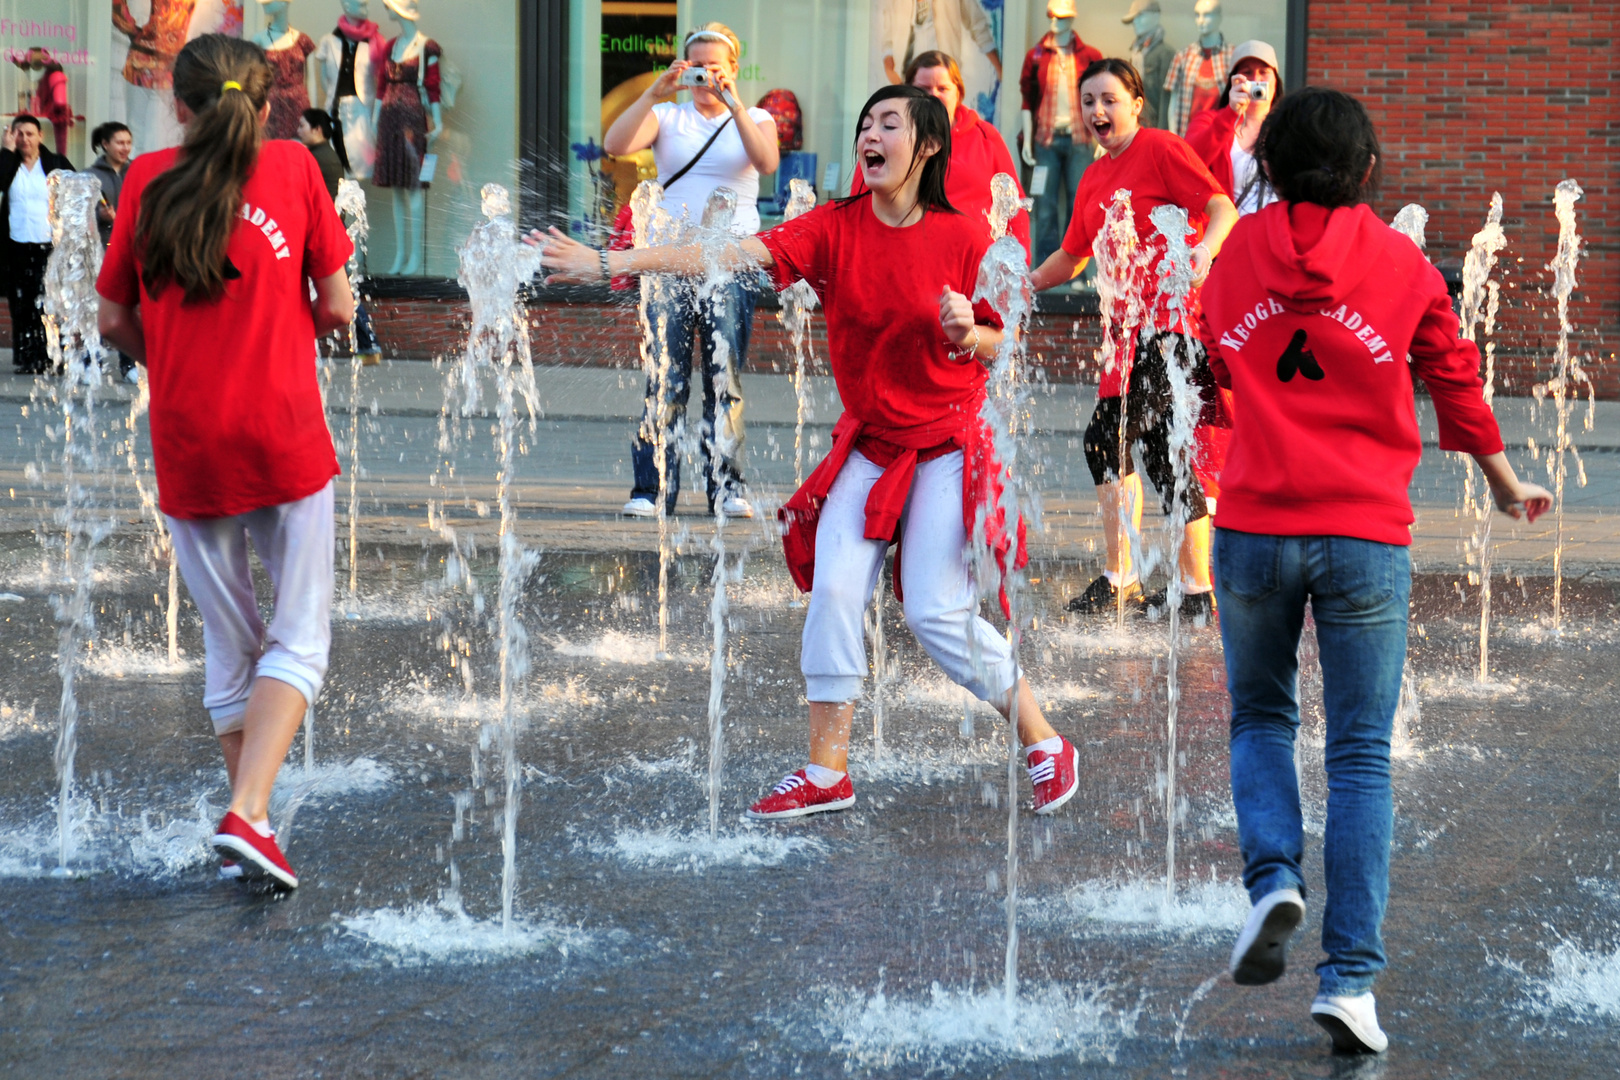 Wasserspiele in der Duisburger City